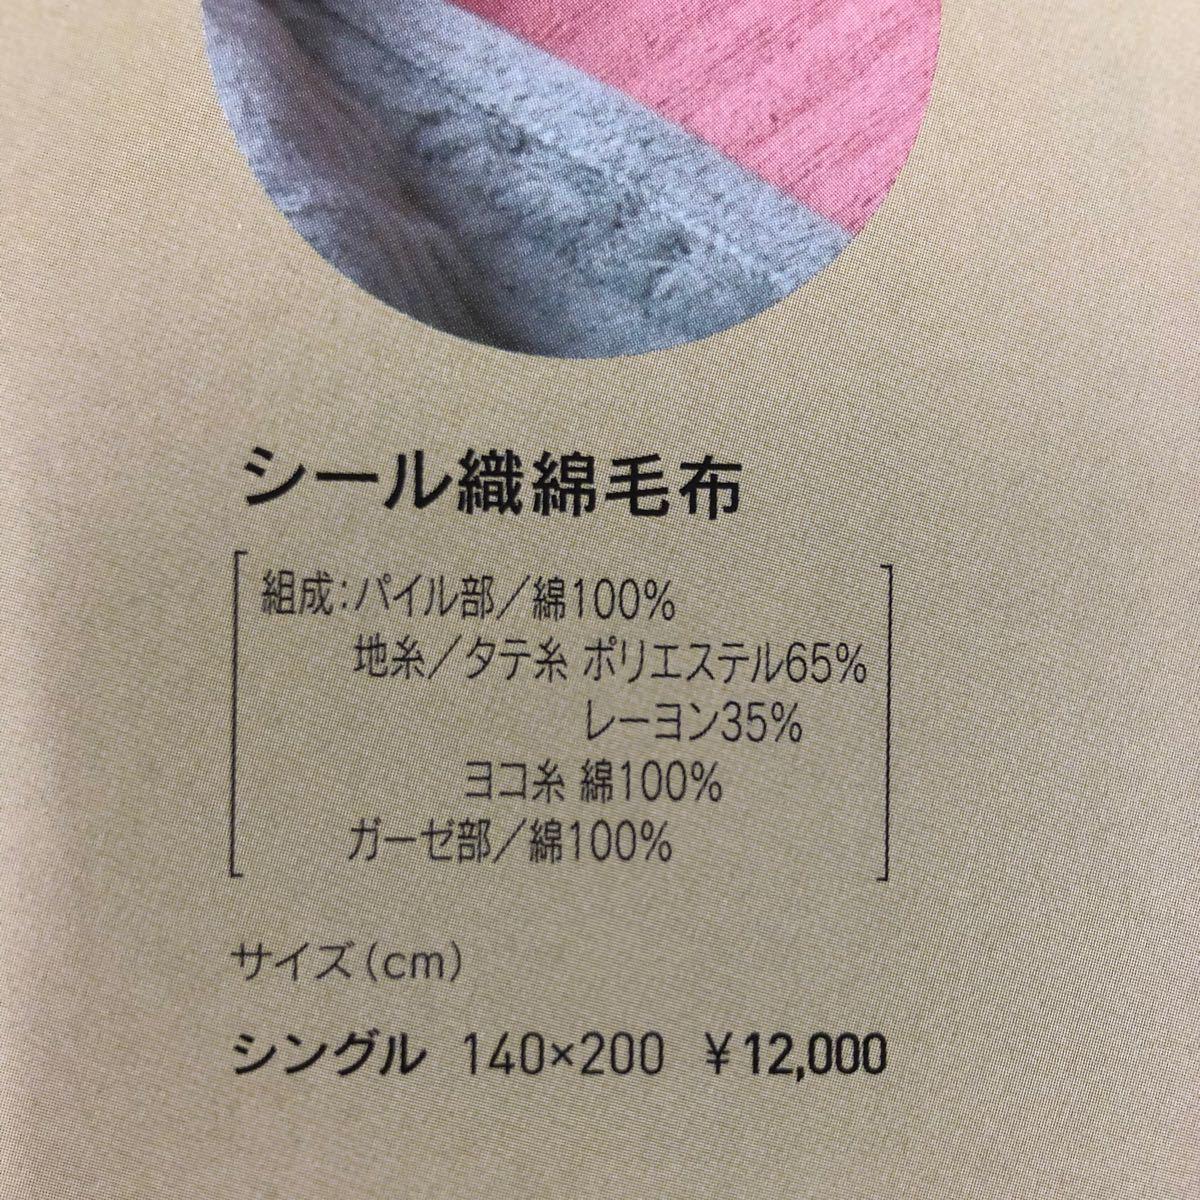 シビラ 綿毛布